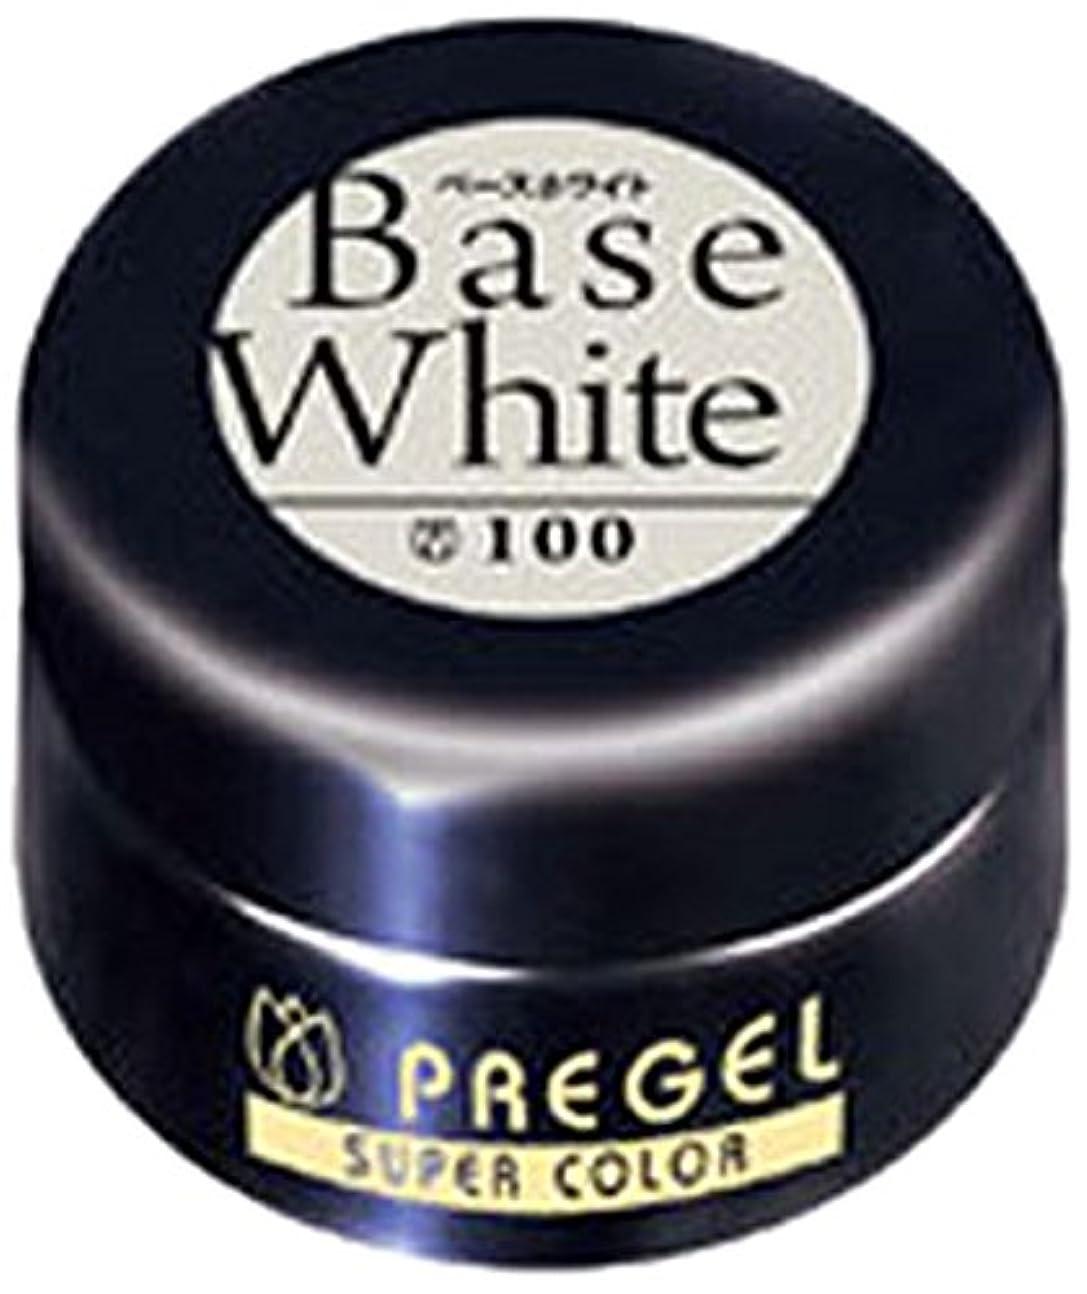 名誉反乱日曜日プリジェル スーパーカラーEX ベースホワイト 4g PG-SE100 カラージェル